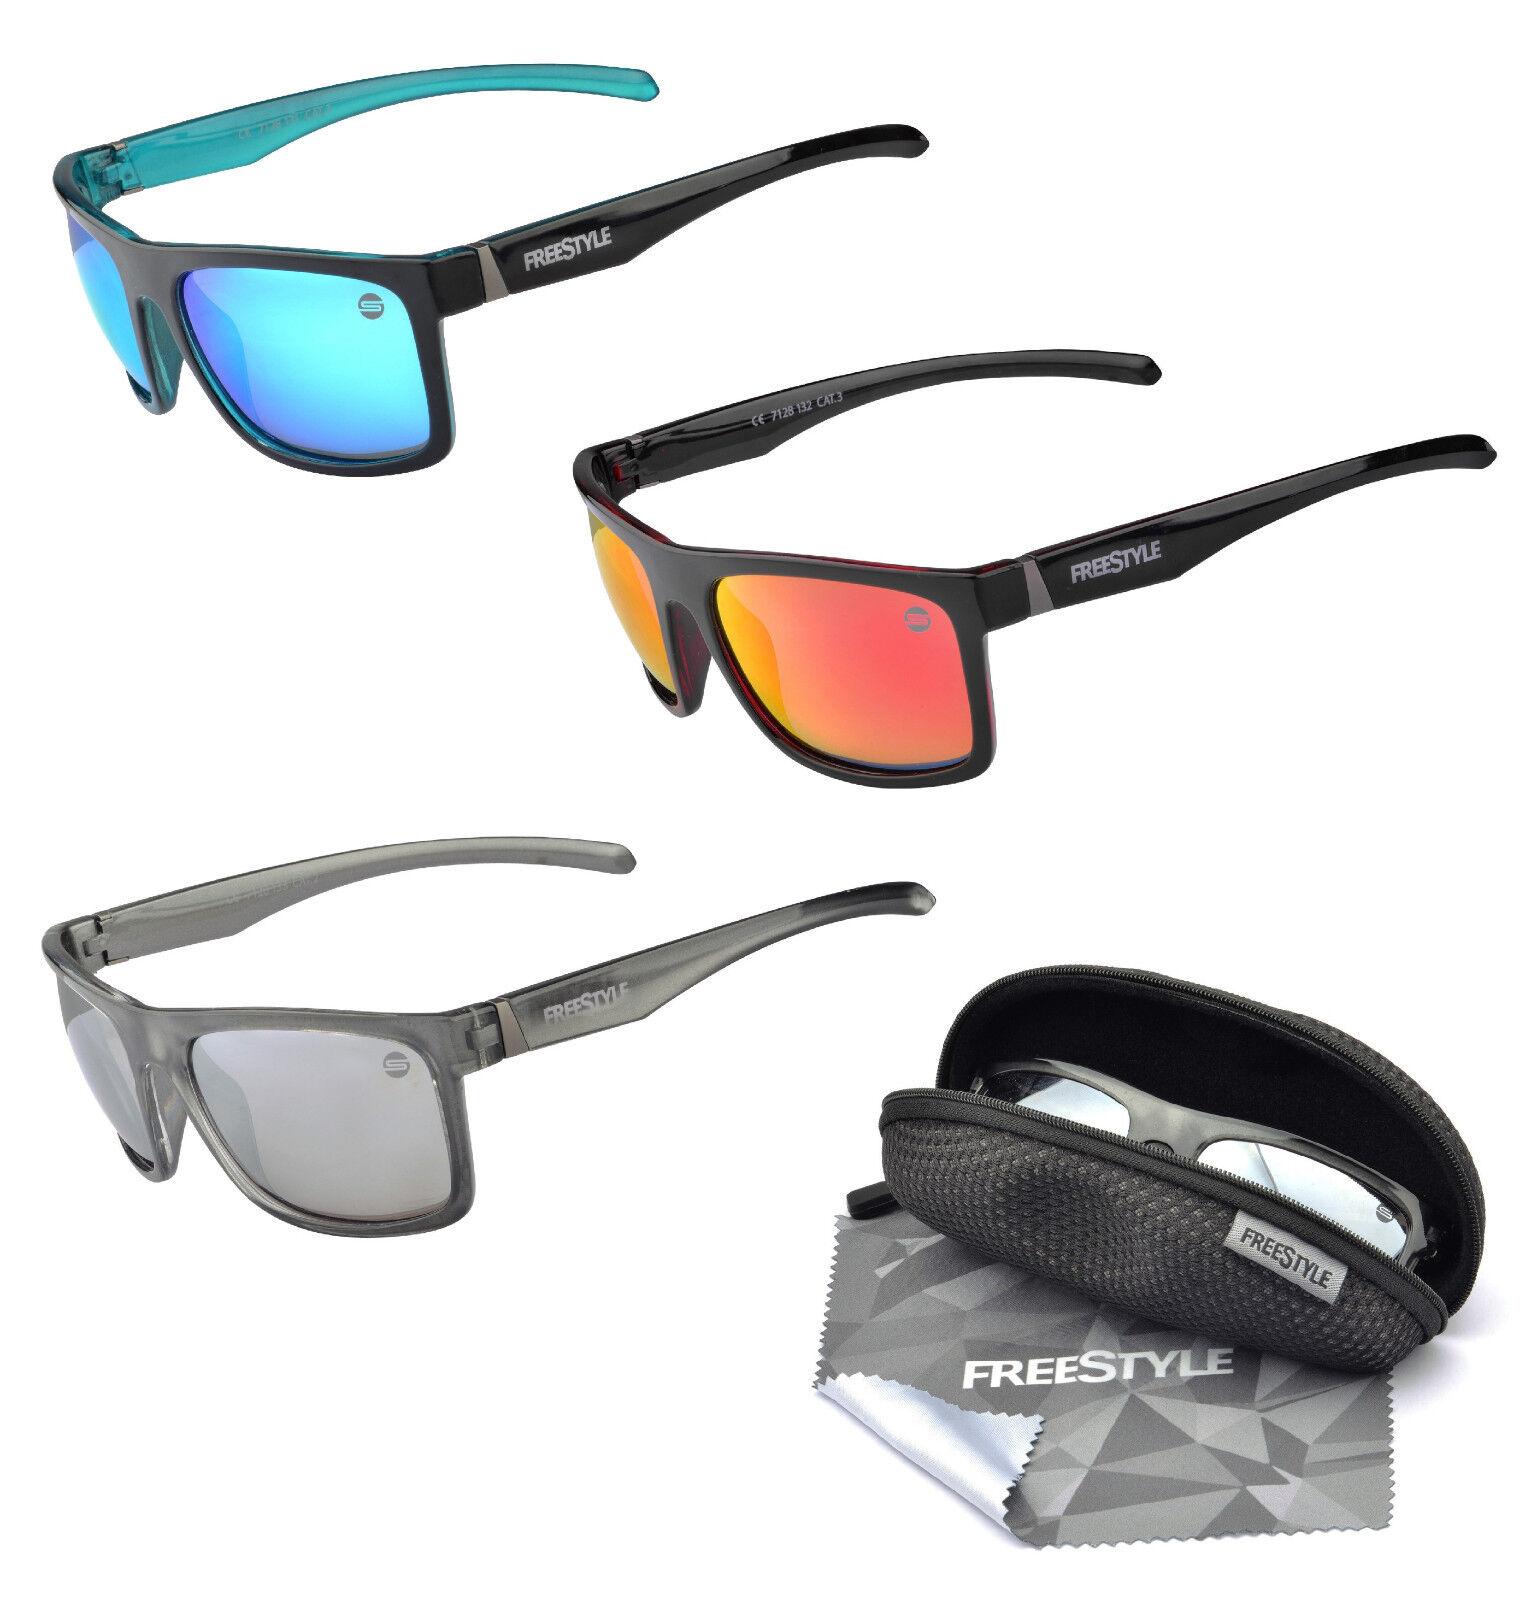 FREESTYLE Sombras Sunglasses + + + Funda Rígida Gafas polarizadas by SPRO  Las ventas en línea ahorran un 70%.